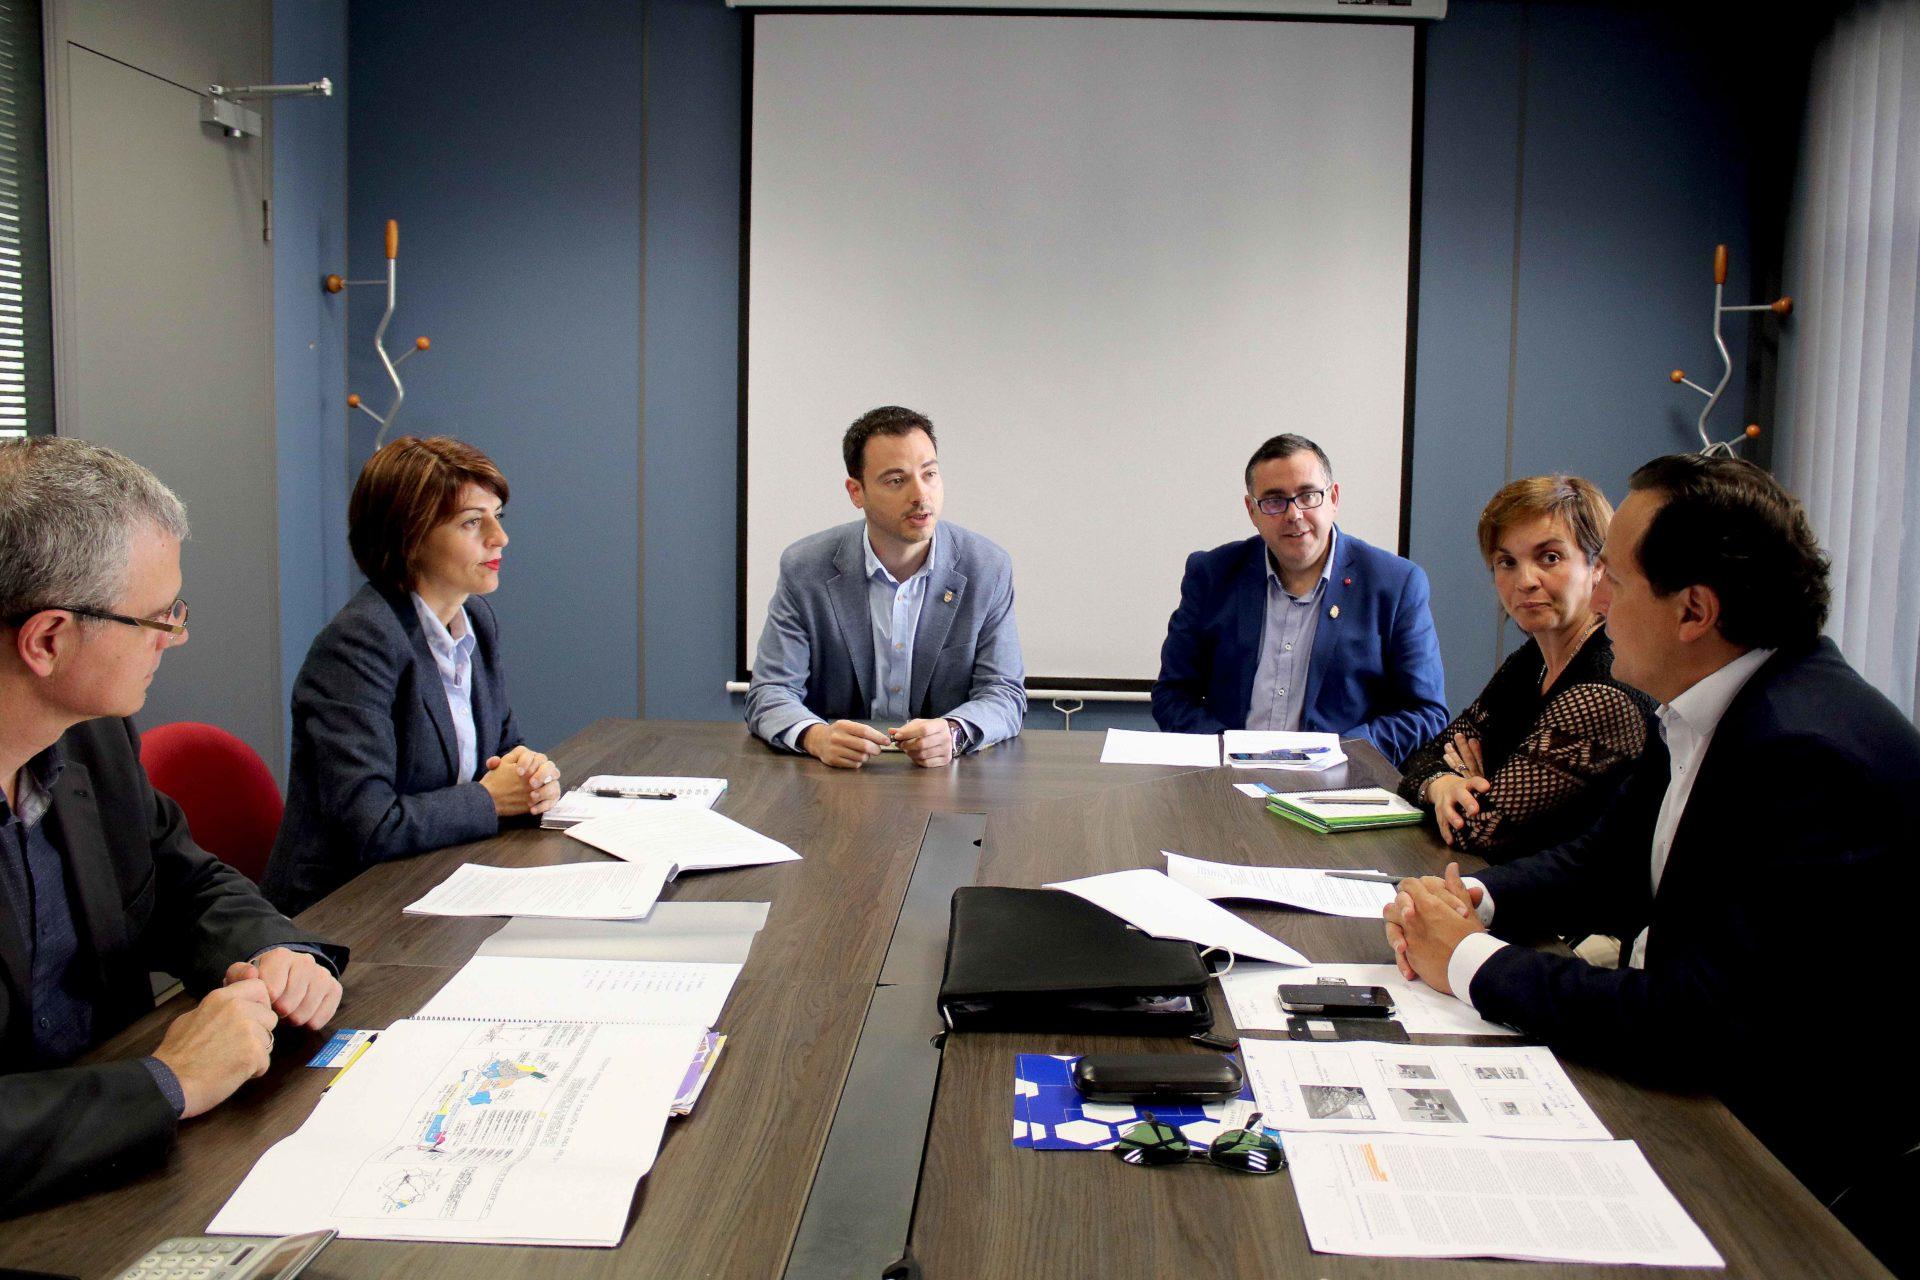 L'Ajuntament d'Onda (La Plana Baixa) co·labora amb FEPEVAL per a dinamitzar les seues àrees empresarials.